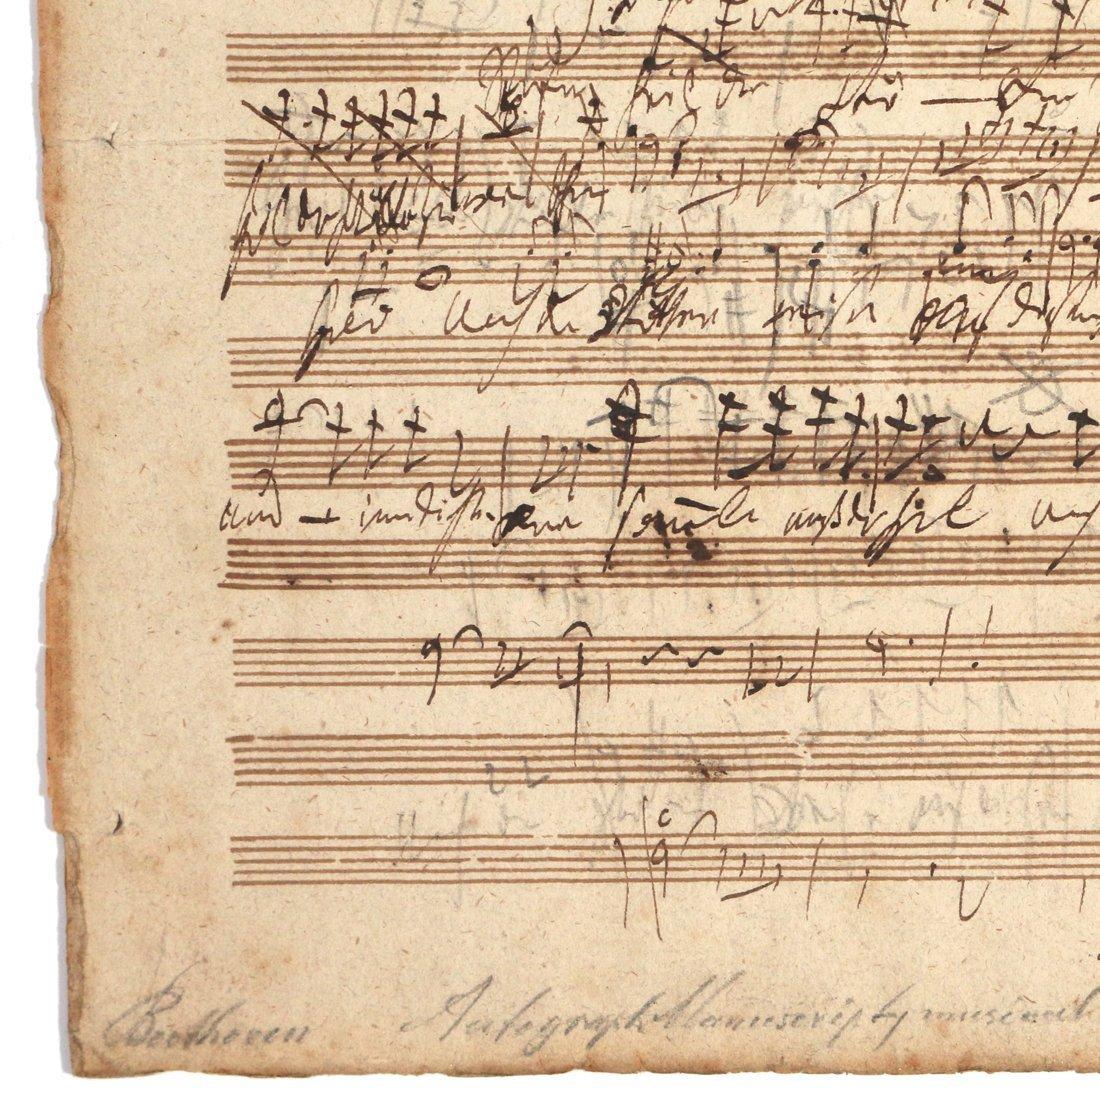 (2pc) BEETHOVEN, LUDWIG VAN (1770-1827) - 3